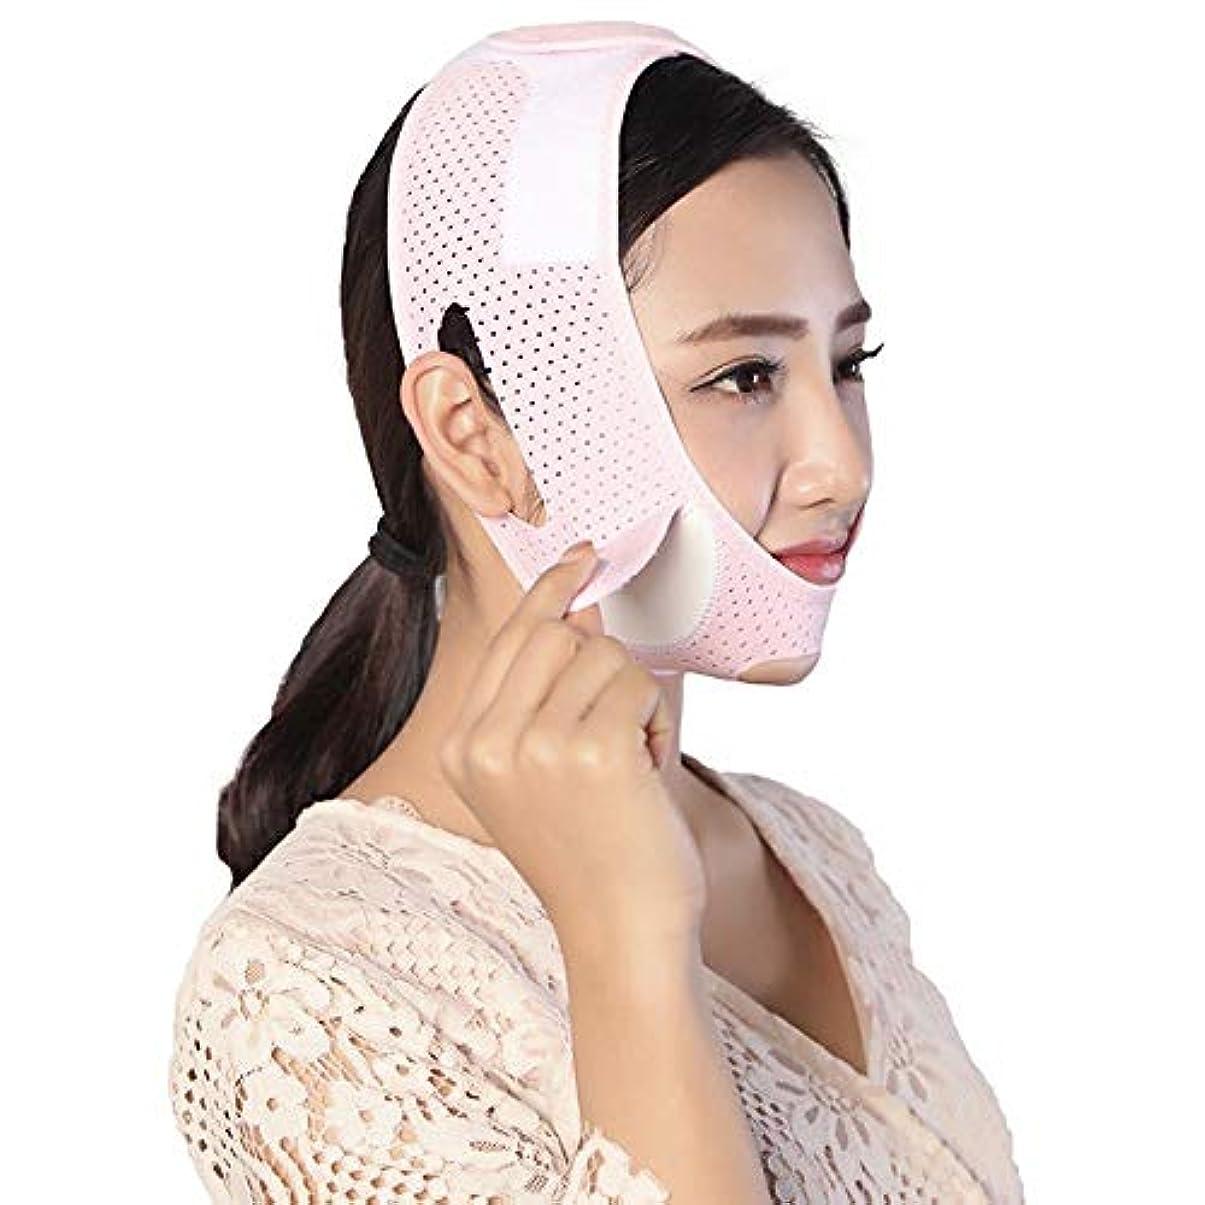 選択アロング兵器庫Jia Jia- フェイシャルリフティング痩身ベルト - 圧縮二重あご減量ベルトスキンケア薄い顔包帯 顔面包帯